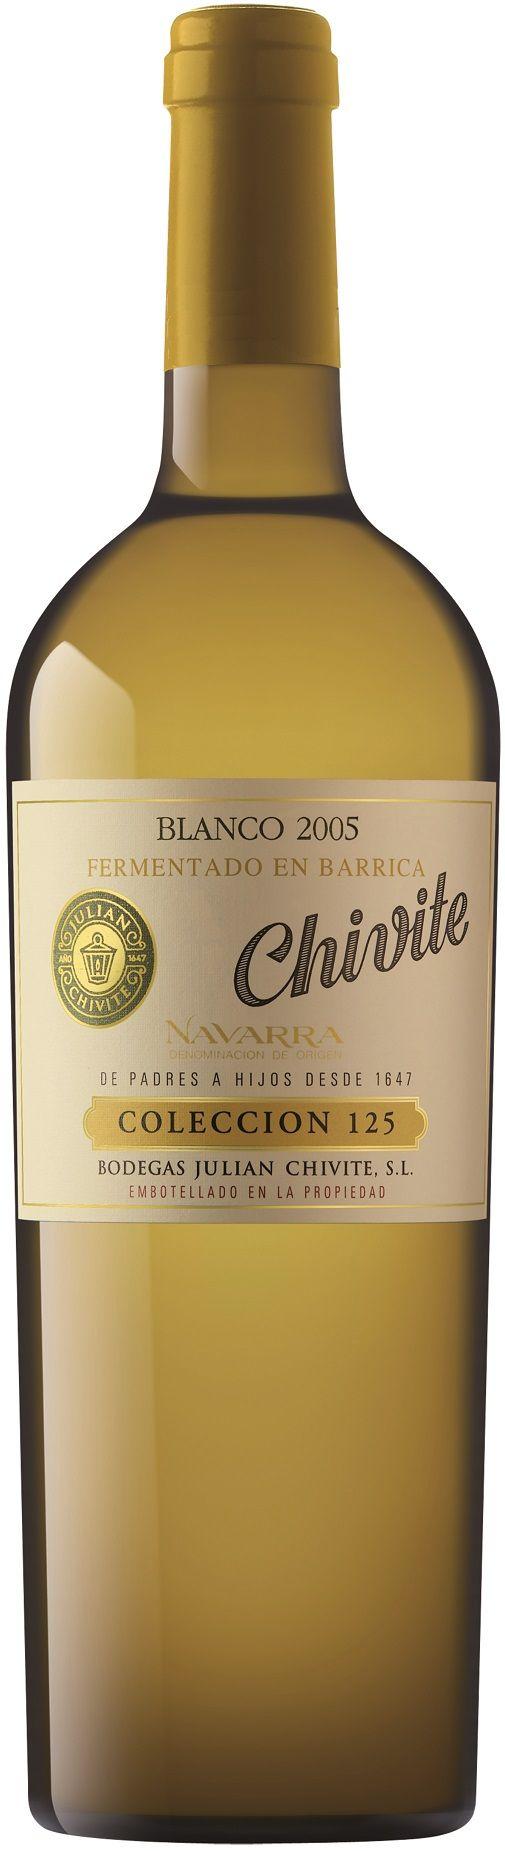 Foto de Chivite Colección 125 Blanco 2005